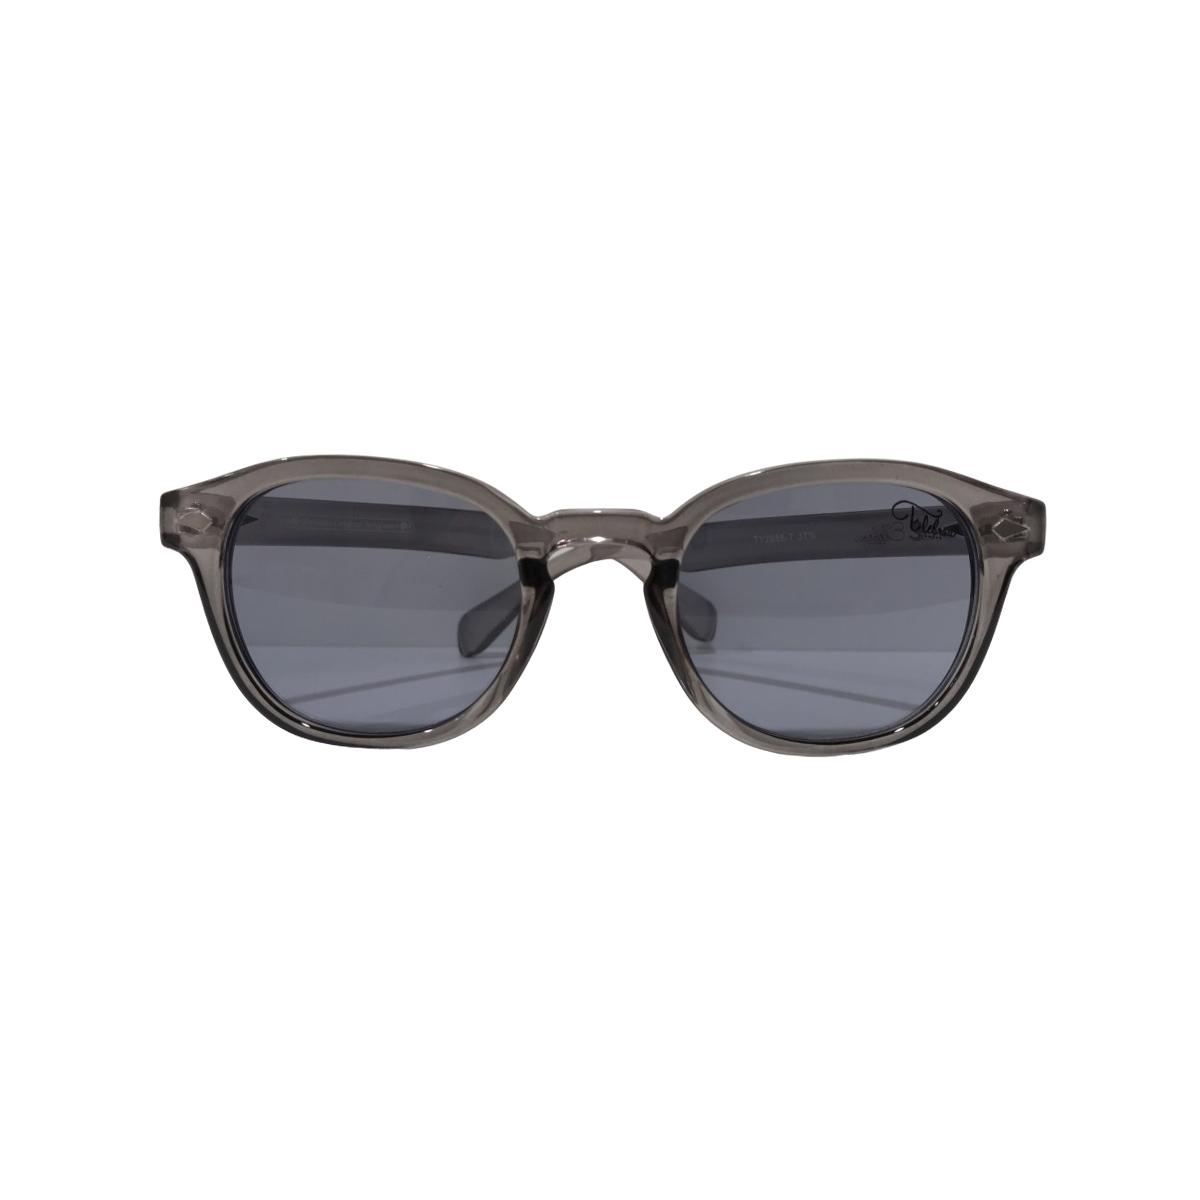 ELEBROU eyewear エレブロ Madison gray